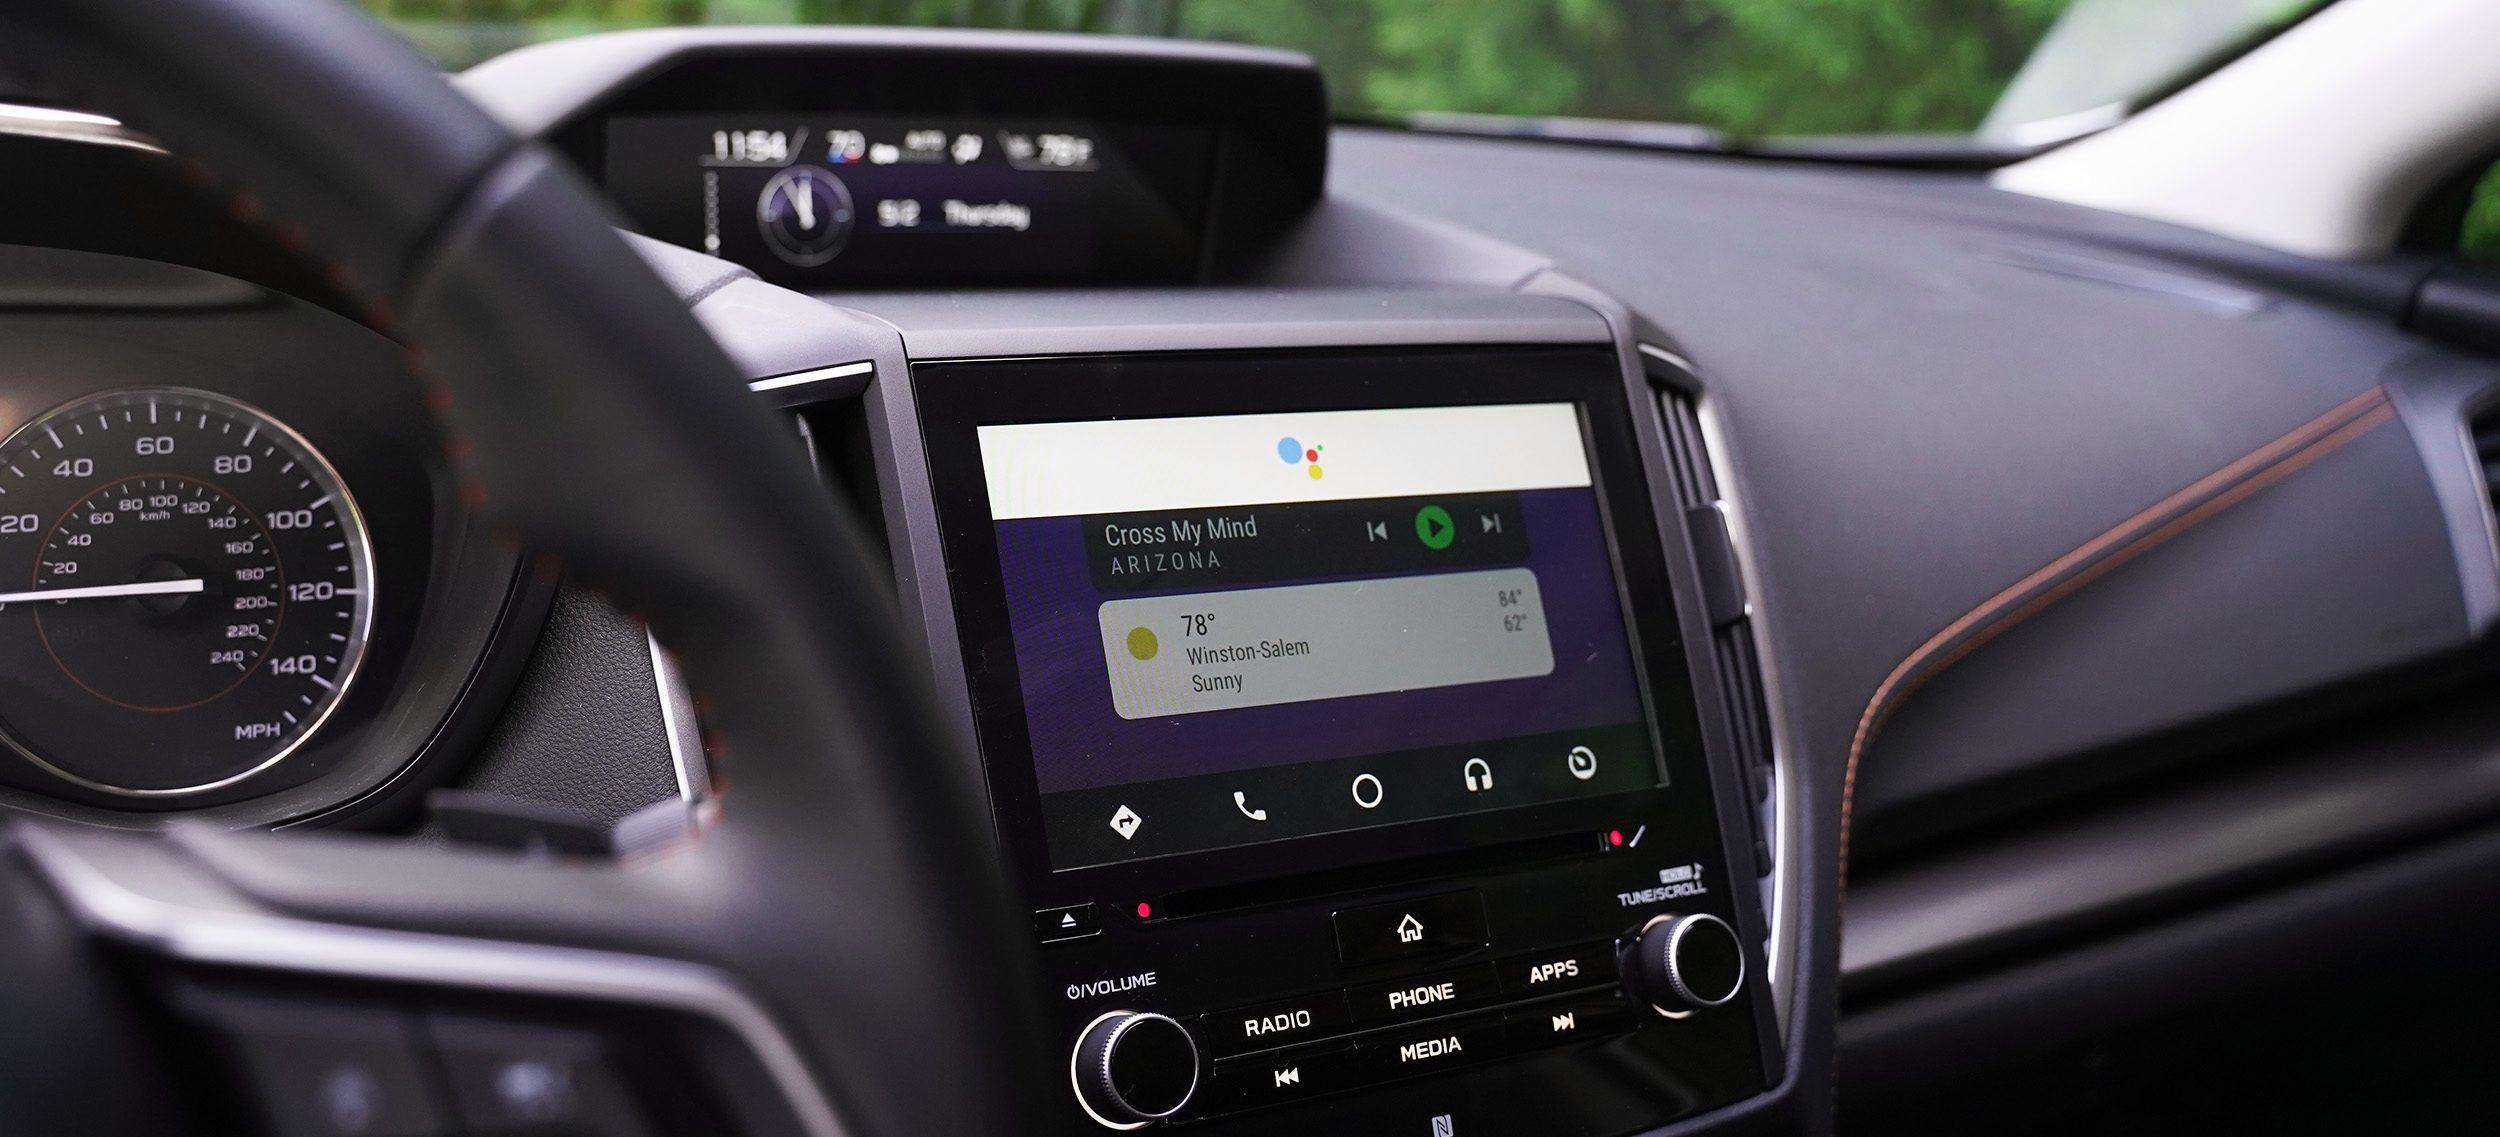 Android Auto 5.7 presenta falla y causa problemas donde el Asistente de Google no responde